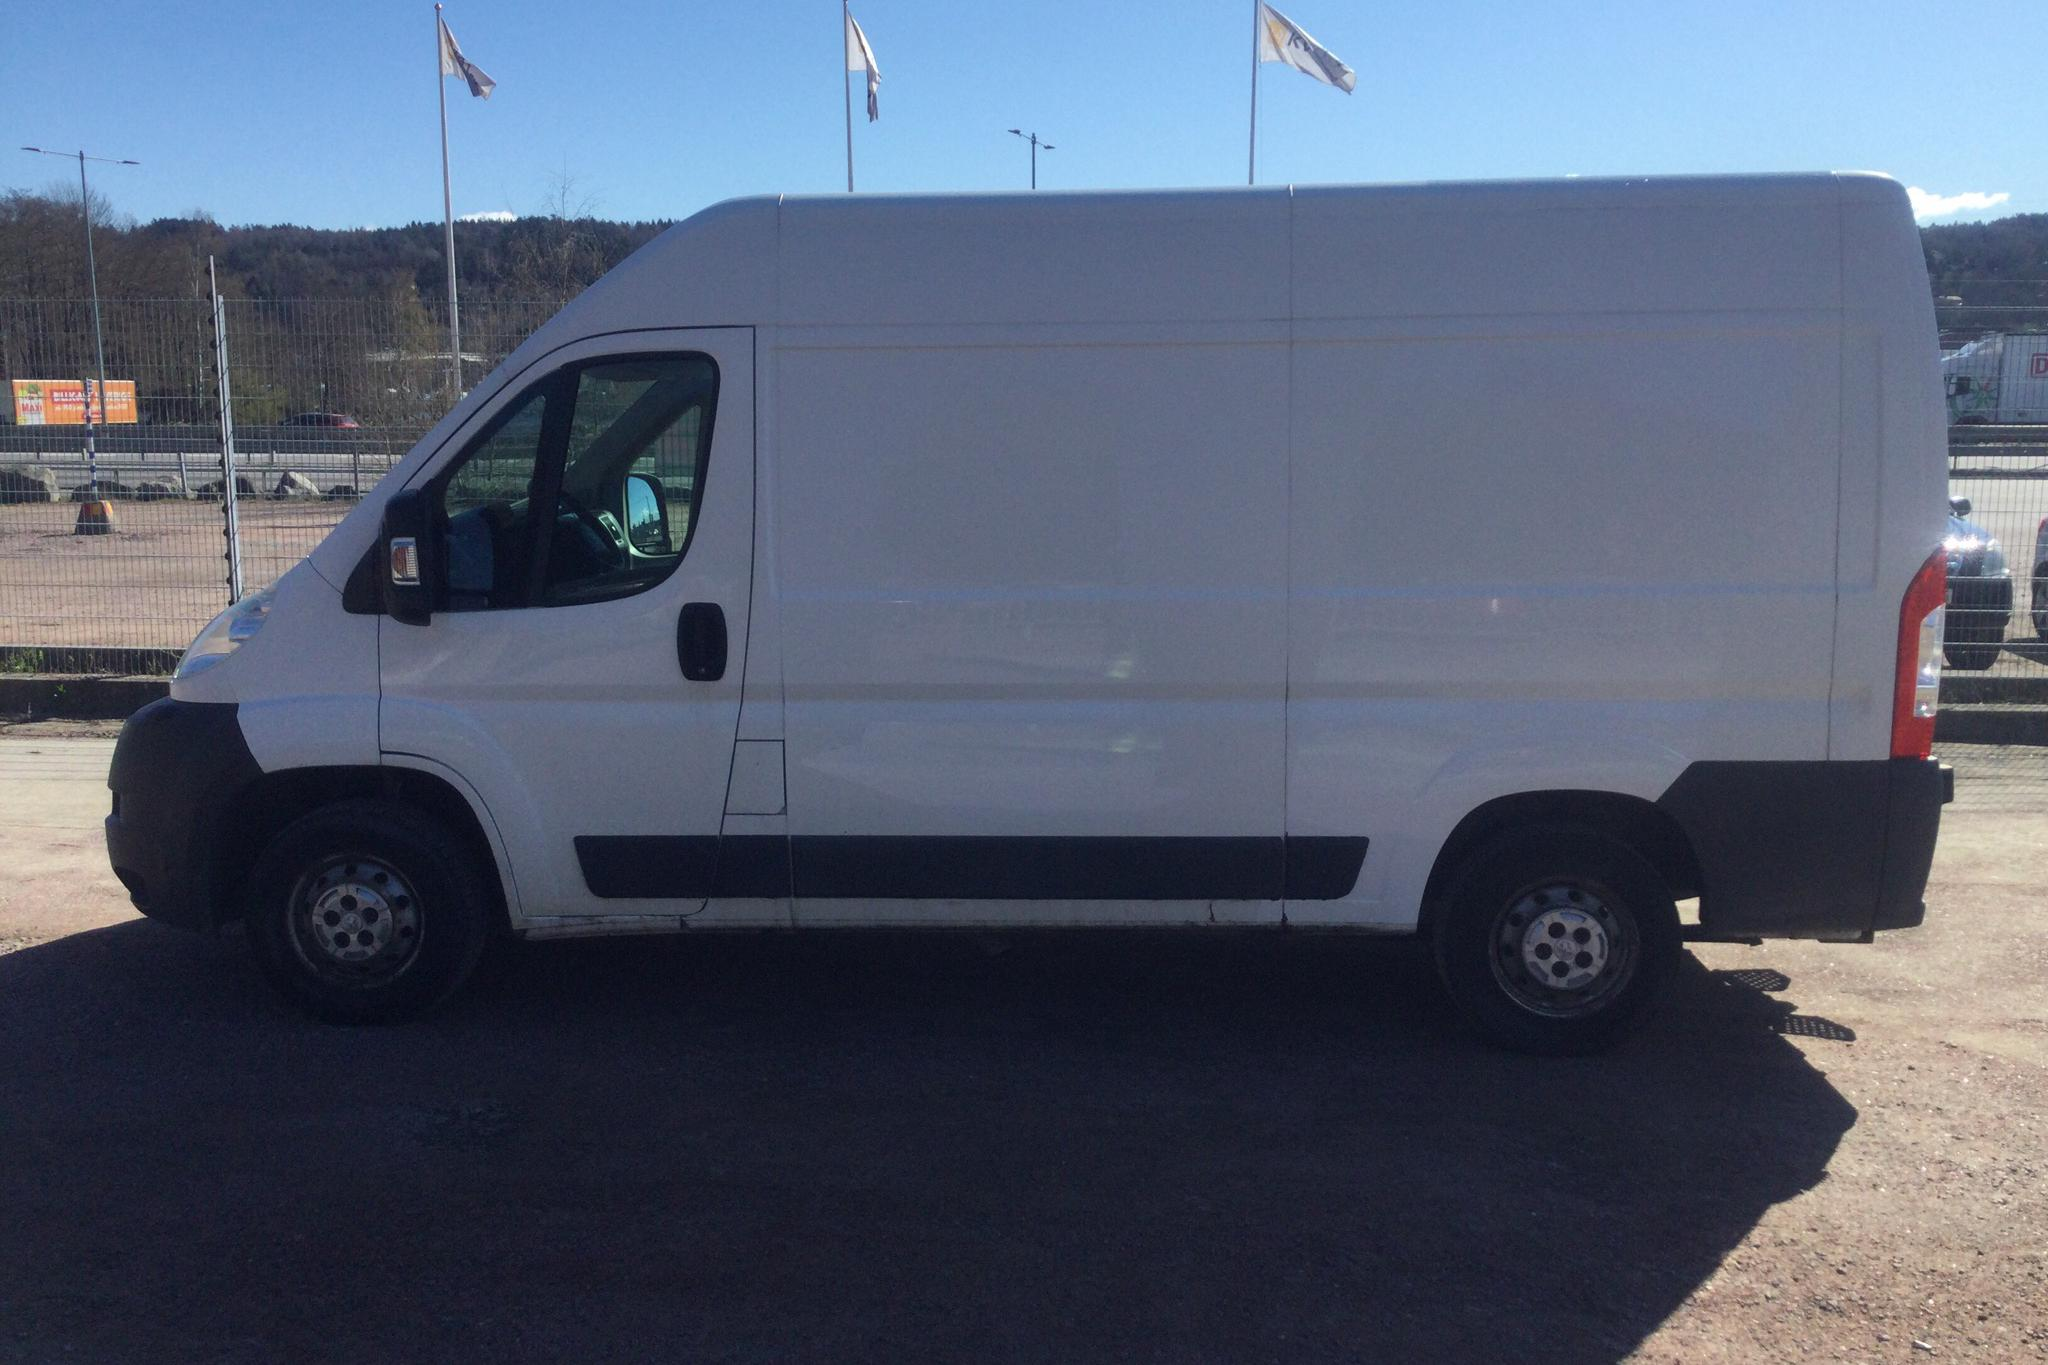 Peugeot Boxer 2.2 HDI Skåp (130hk) - 16 934 mil - Manuell - vit - 2013